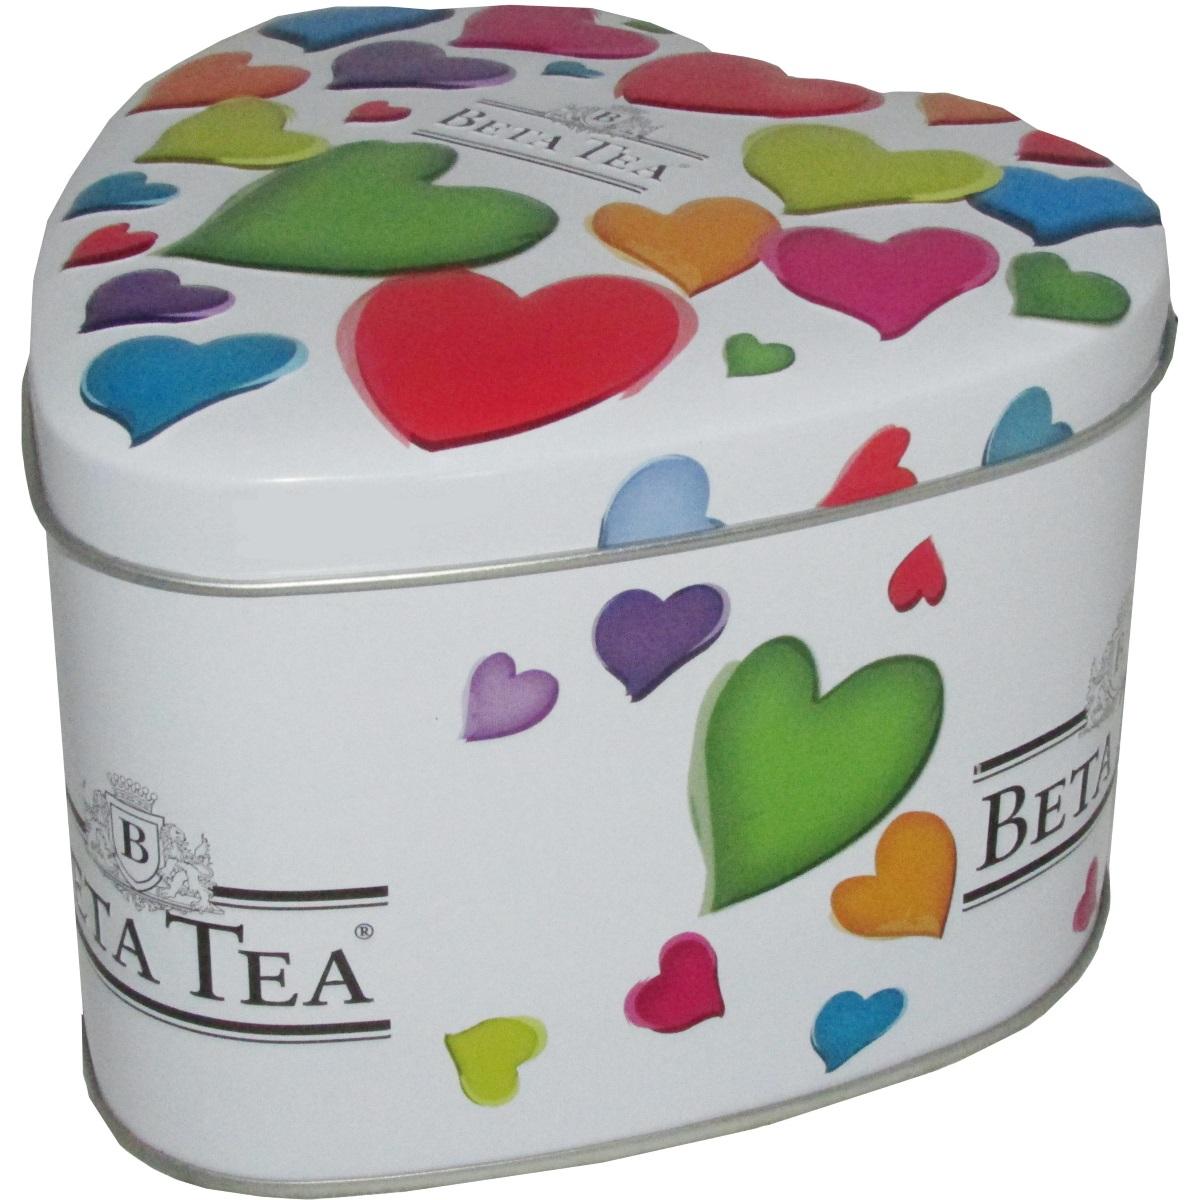 Beta Tea Маленькие сердца черный чай, 100 г (музыкальная шкатулка)0120710Черный цейлонский байховый среднелистовой чайBeta Маленькие сердца. Оригинальная упаковка чая в виде сердца с музыкальным механизмом станет идеальным подарком по любому поводу.Подарок от всего сердца - любовная история, сокрытая в музыкальной шкатулке с романтичной мелодией!